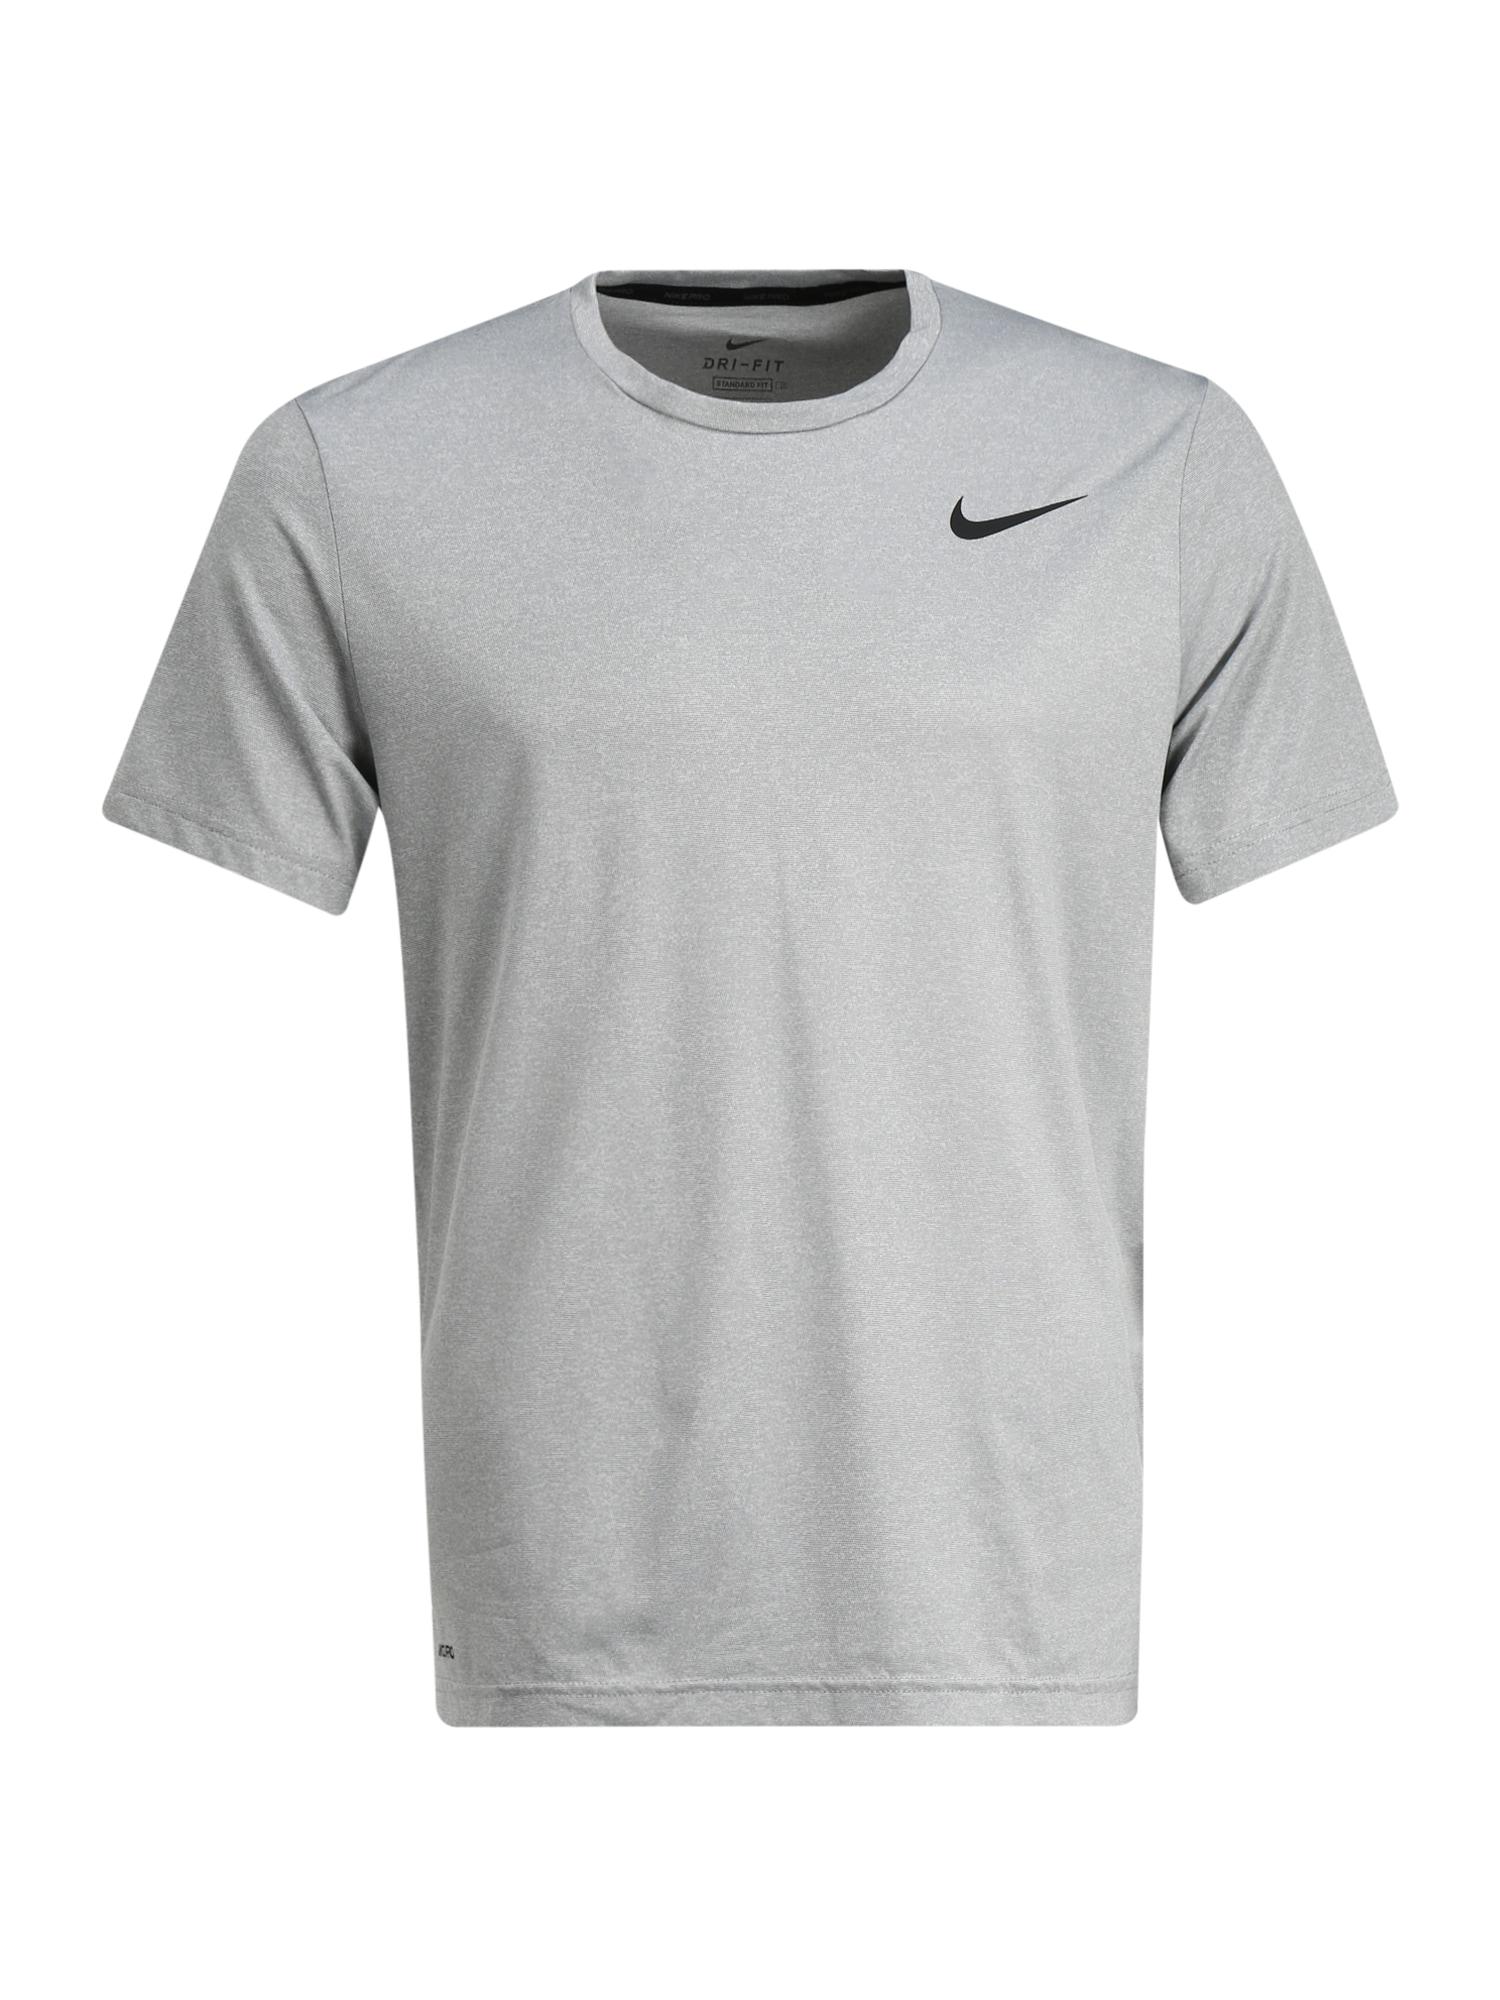 NIKE Sportiniai marškinėliai 'Nike Pro' šviesiai pilka